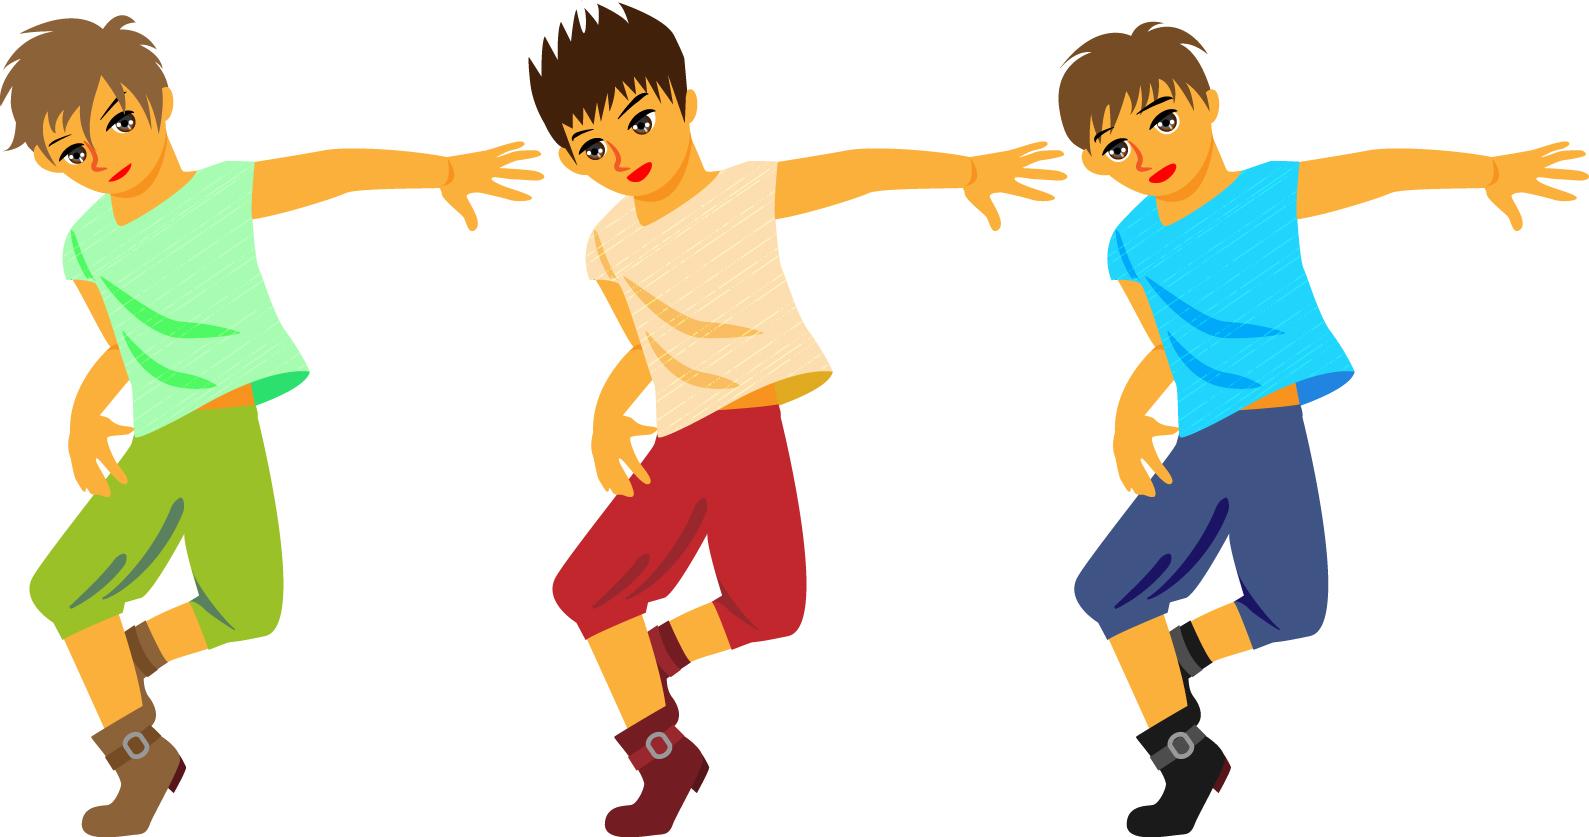 ダンス教室 開くなら 新宿スタジオ 新宿BMTスタジオ